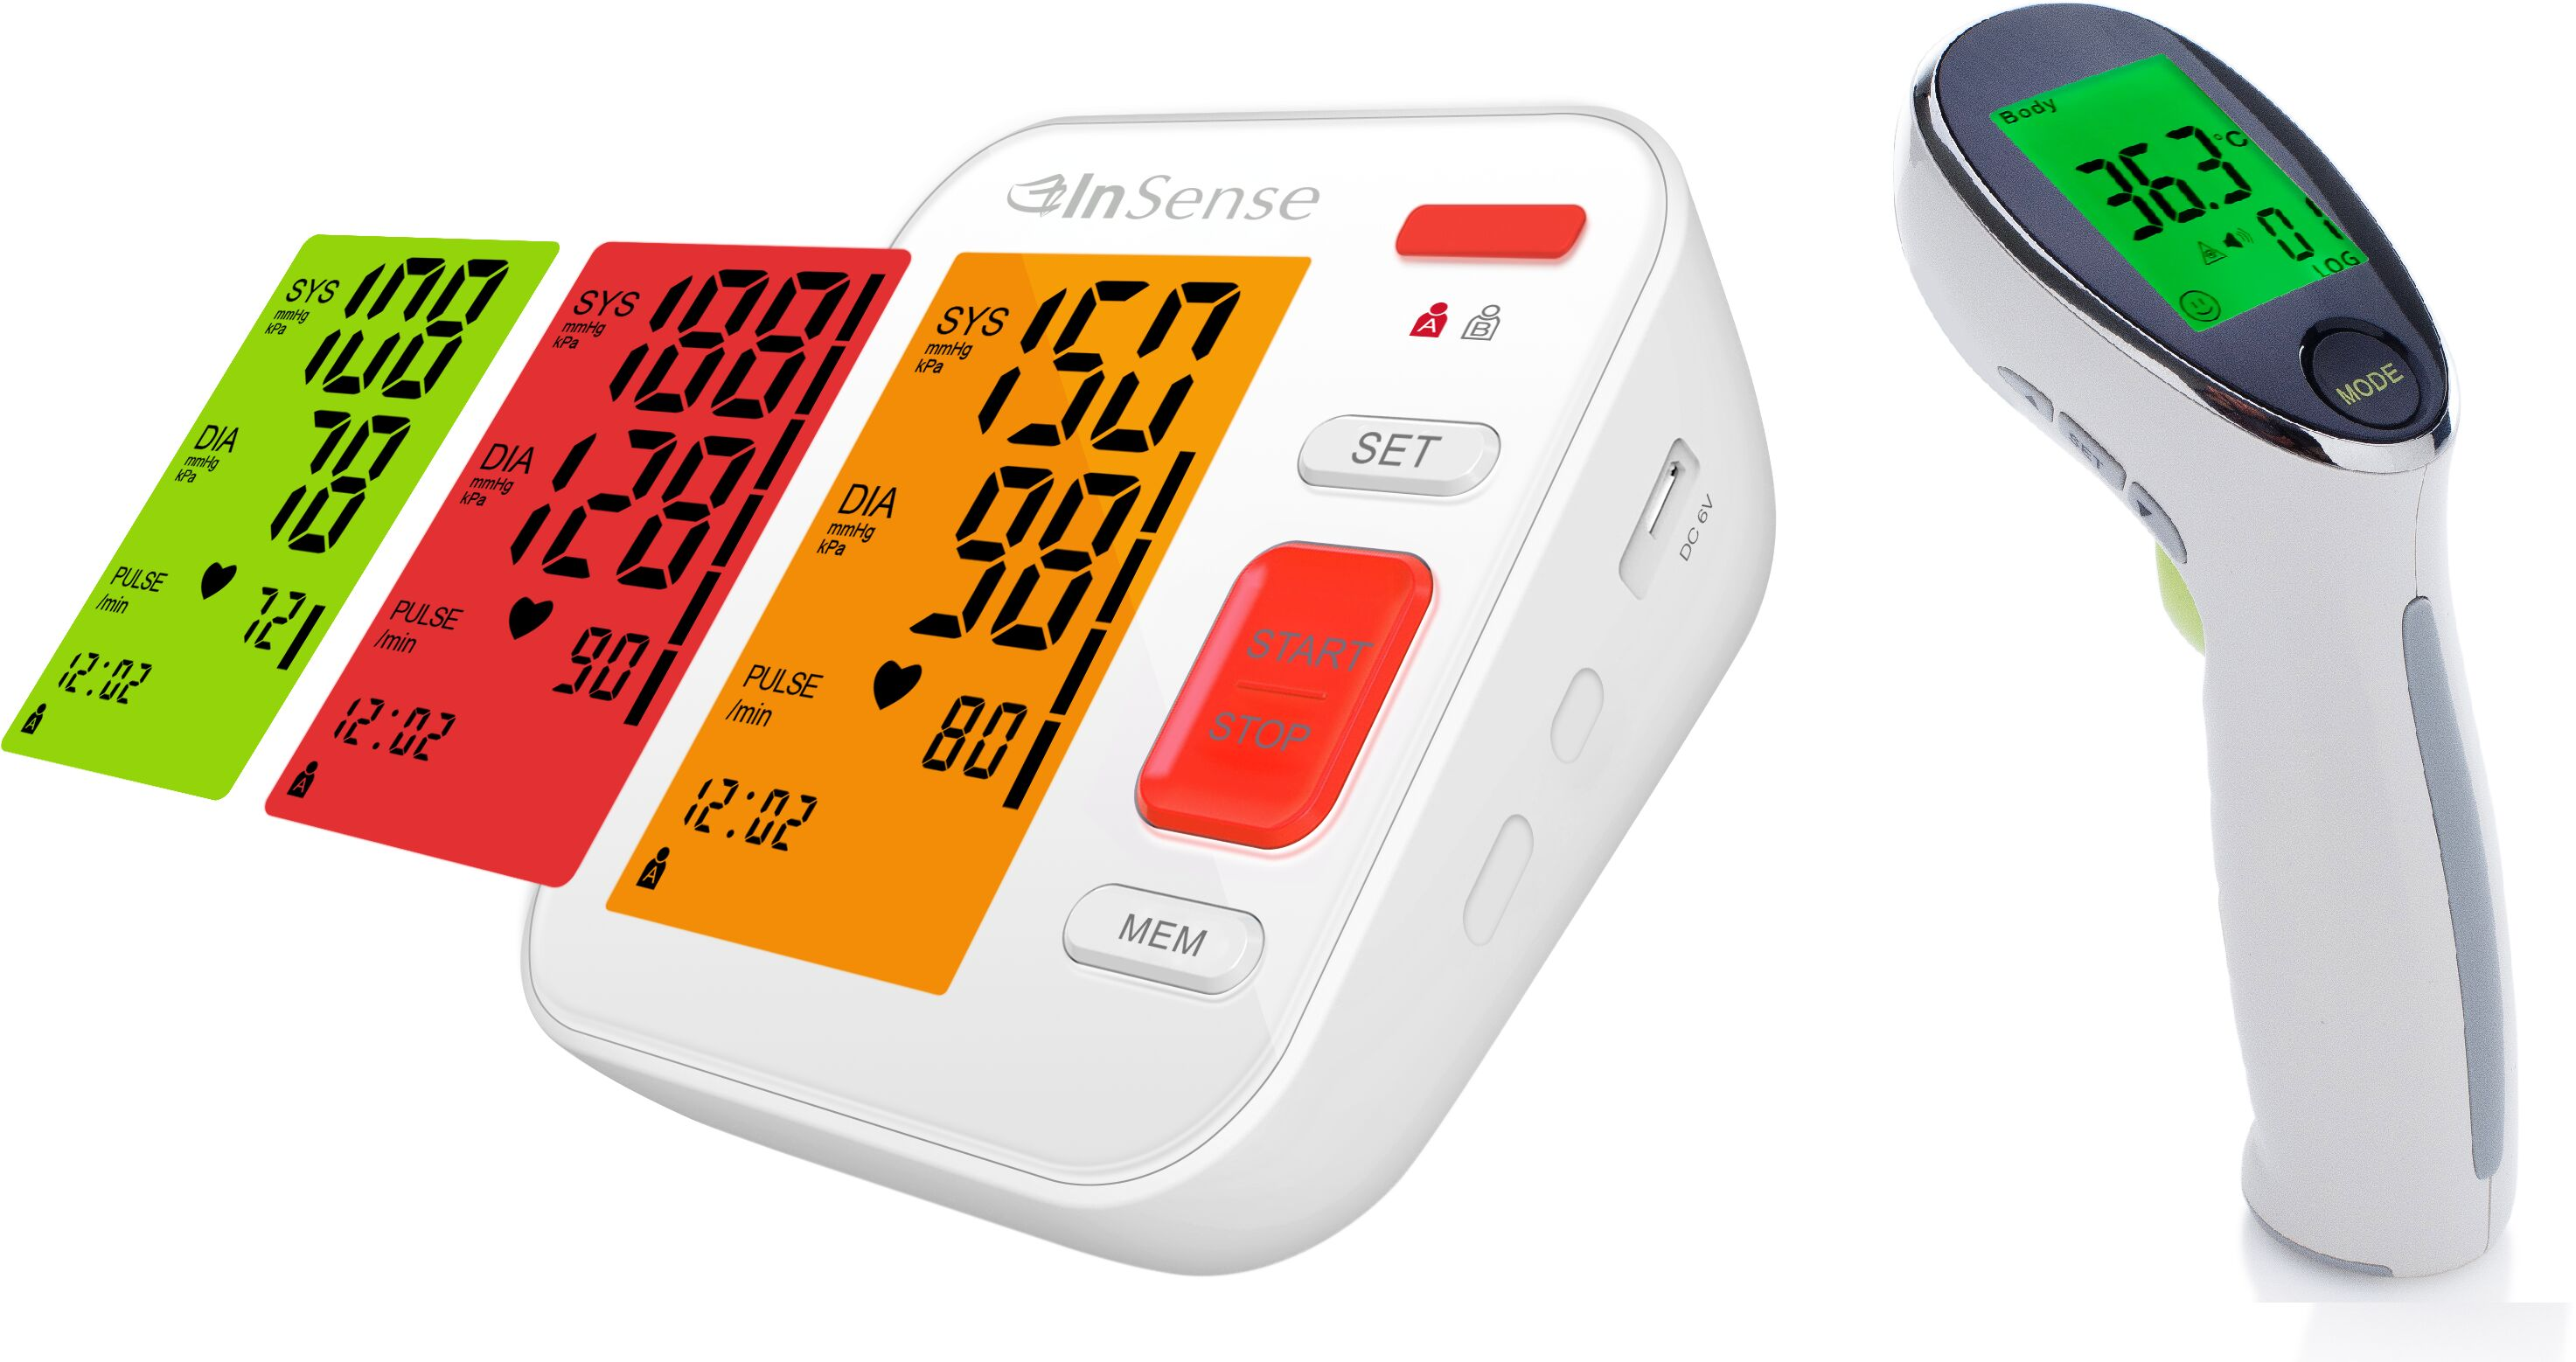 Inteligentny pomiar temperatury i ciśnienia InSense REDy i InSense Q Ciśnieniomierz i termometr bezdotykowy InSense - tylko rzetelne pomiary